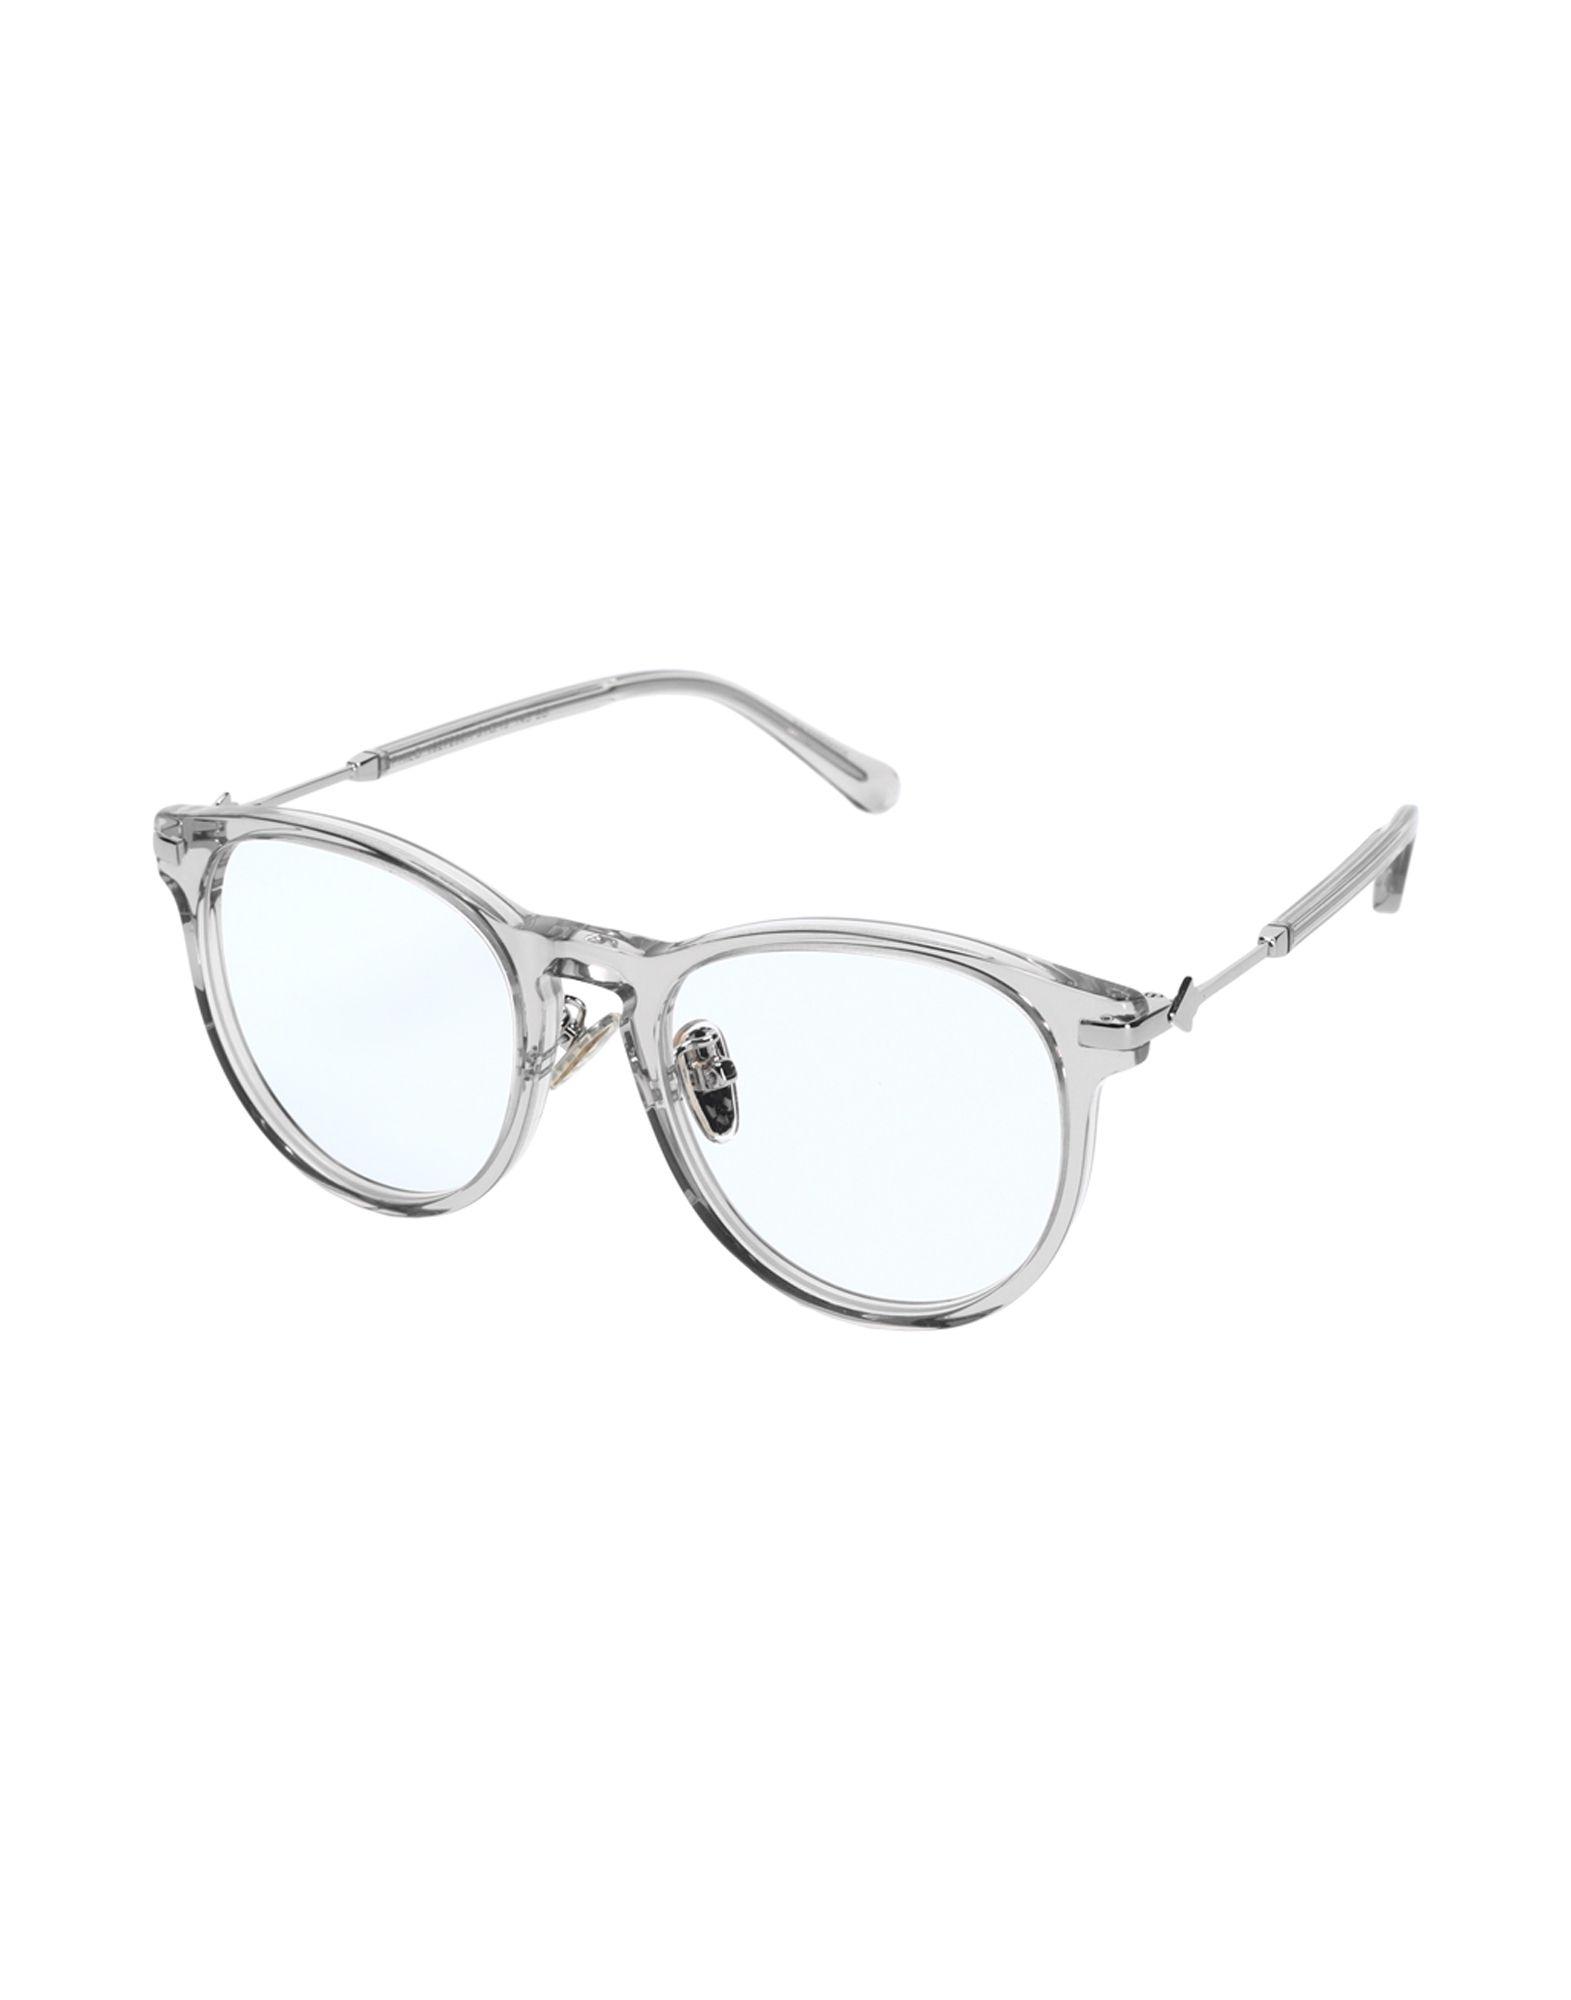 Фото - KAREN WALKER Оправа очков karen walker солнечные очки